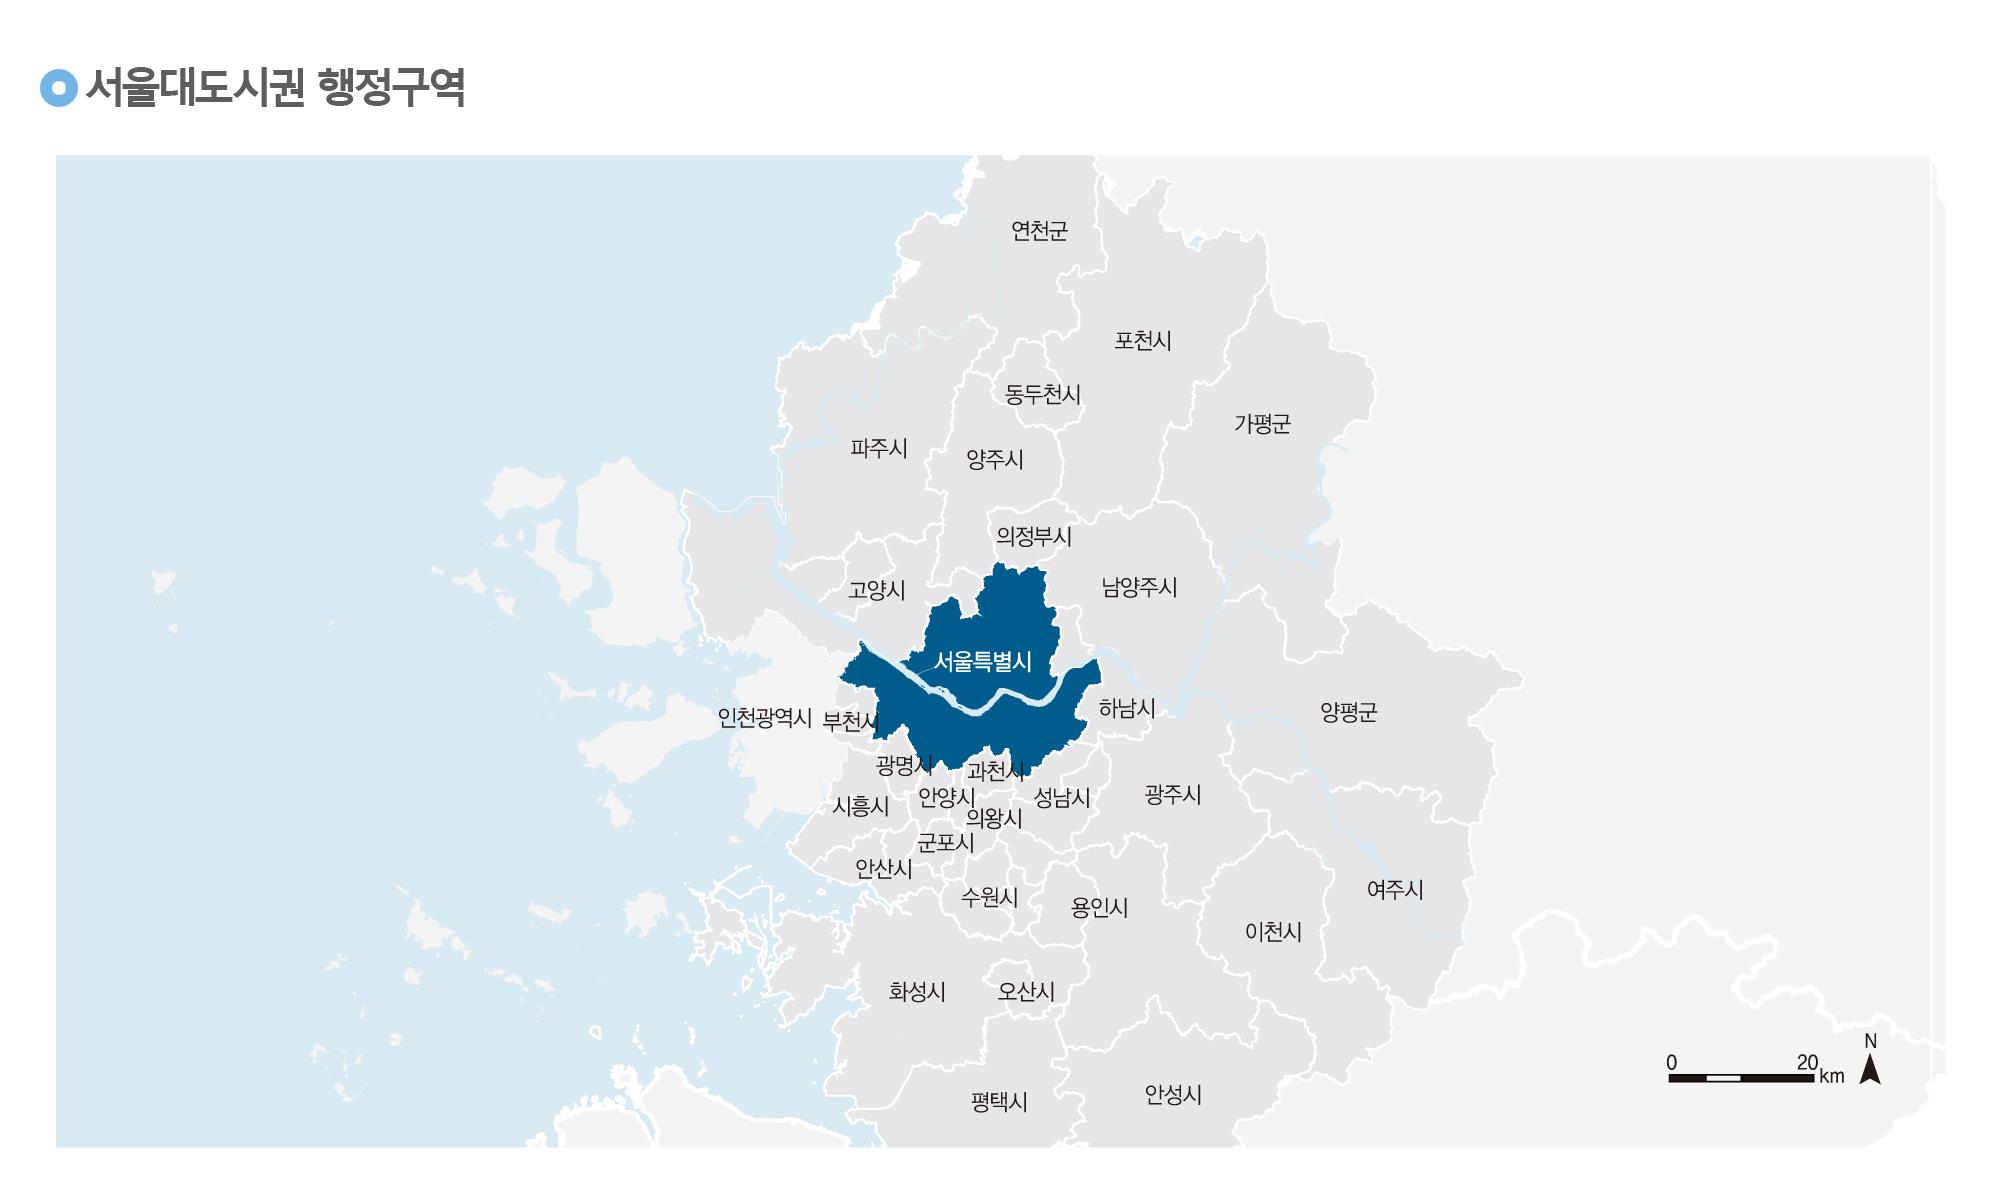 서울대도시권 행정구역